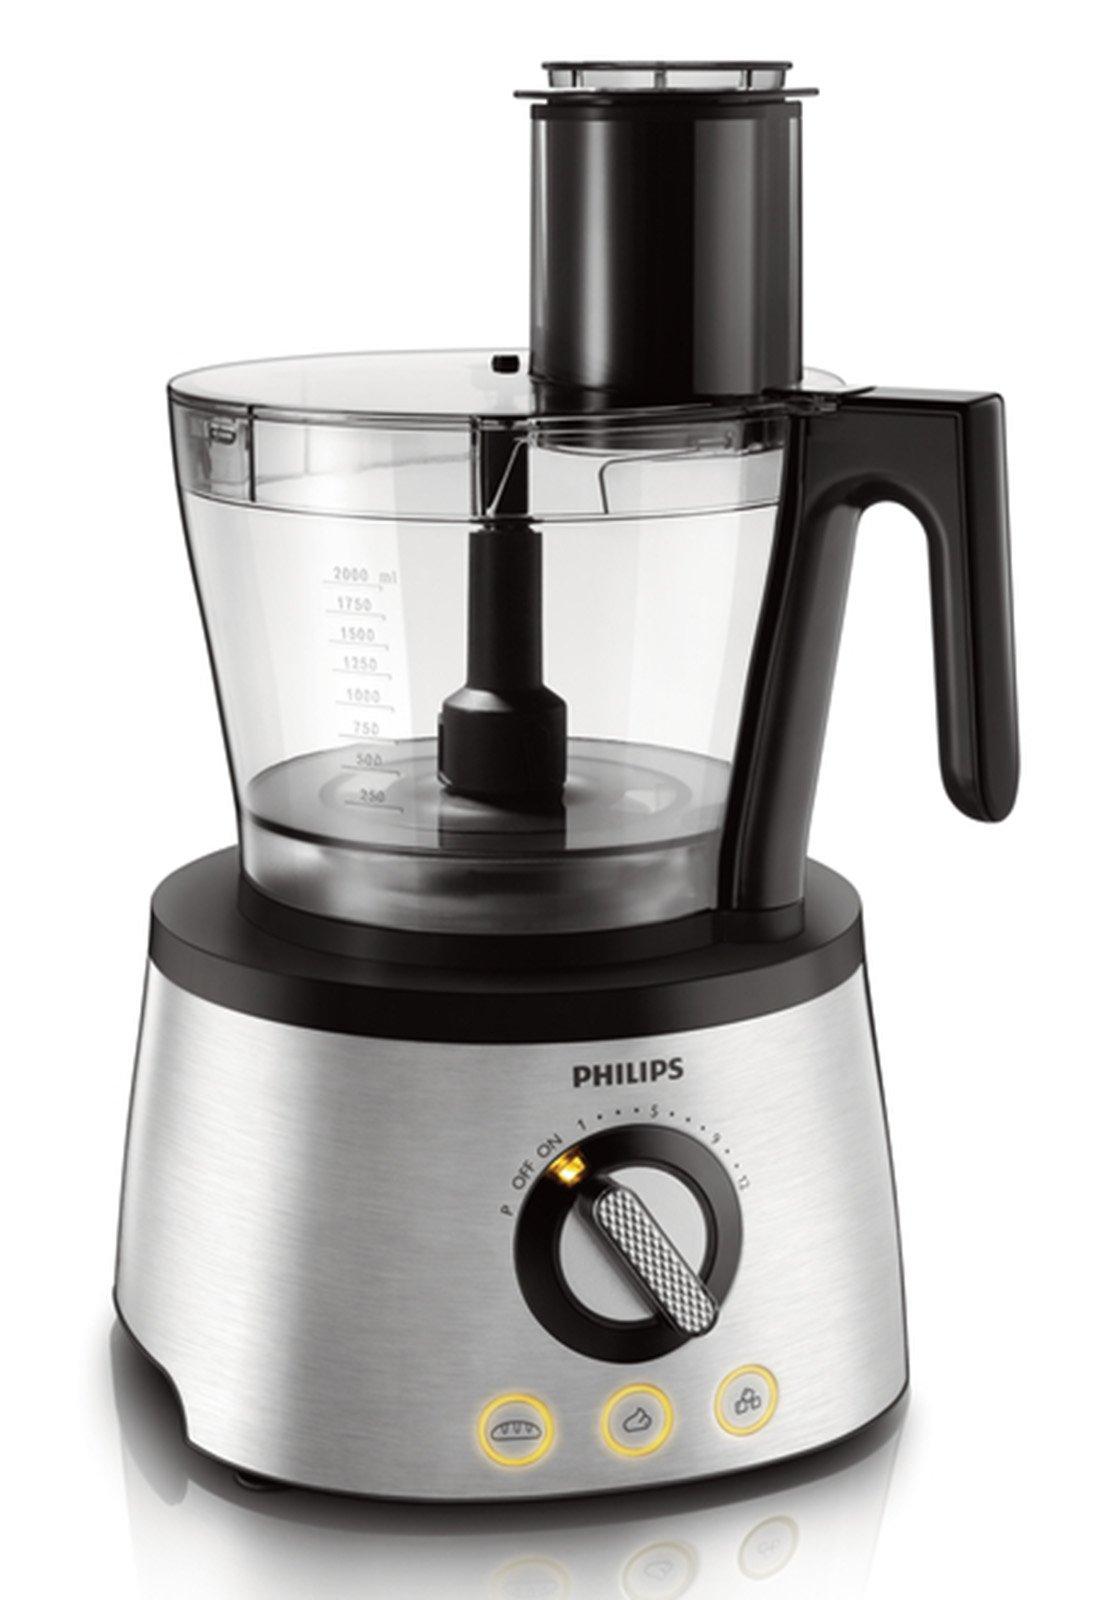 robot da cucina: tante funzioni in un solo apparecchio - cose di casa - Macchine Da Cucina